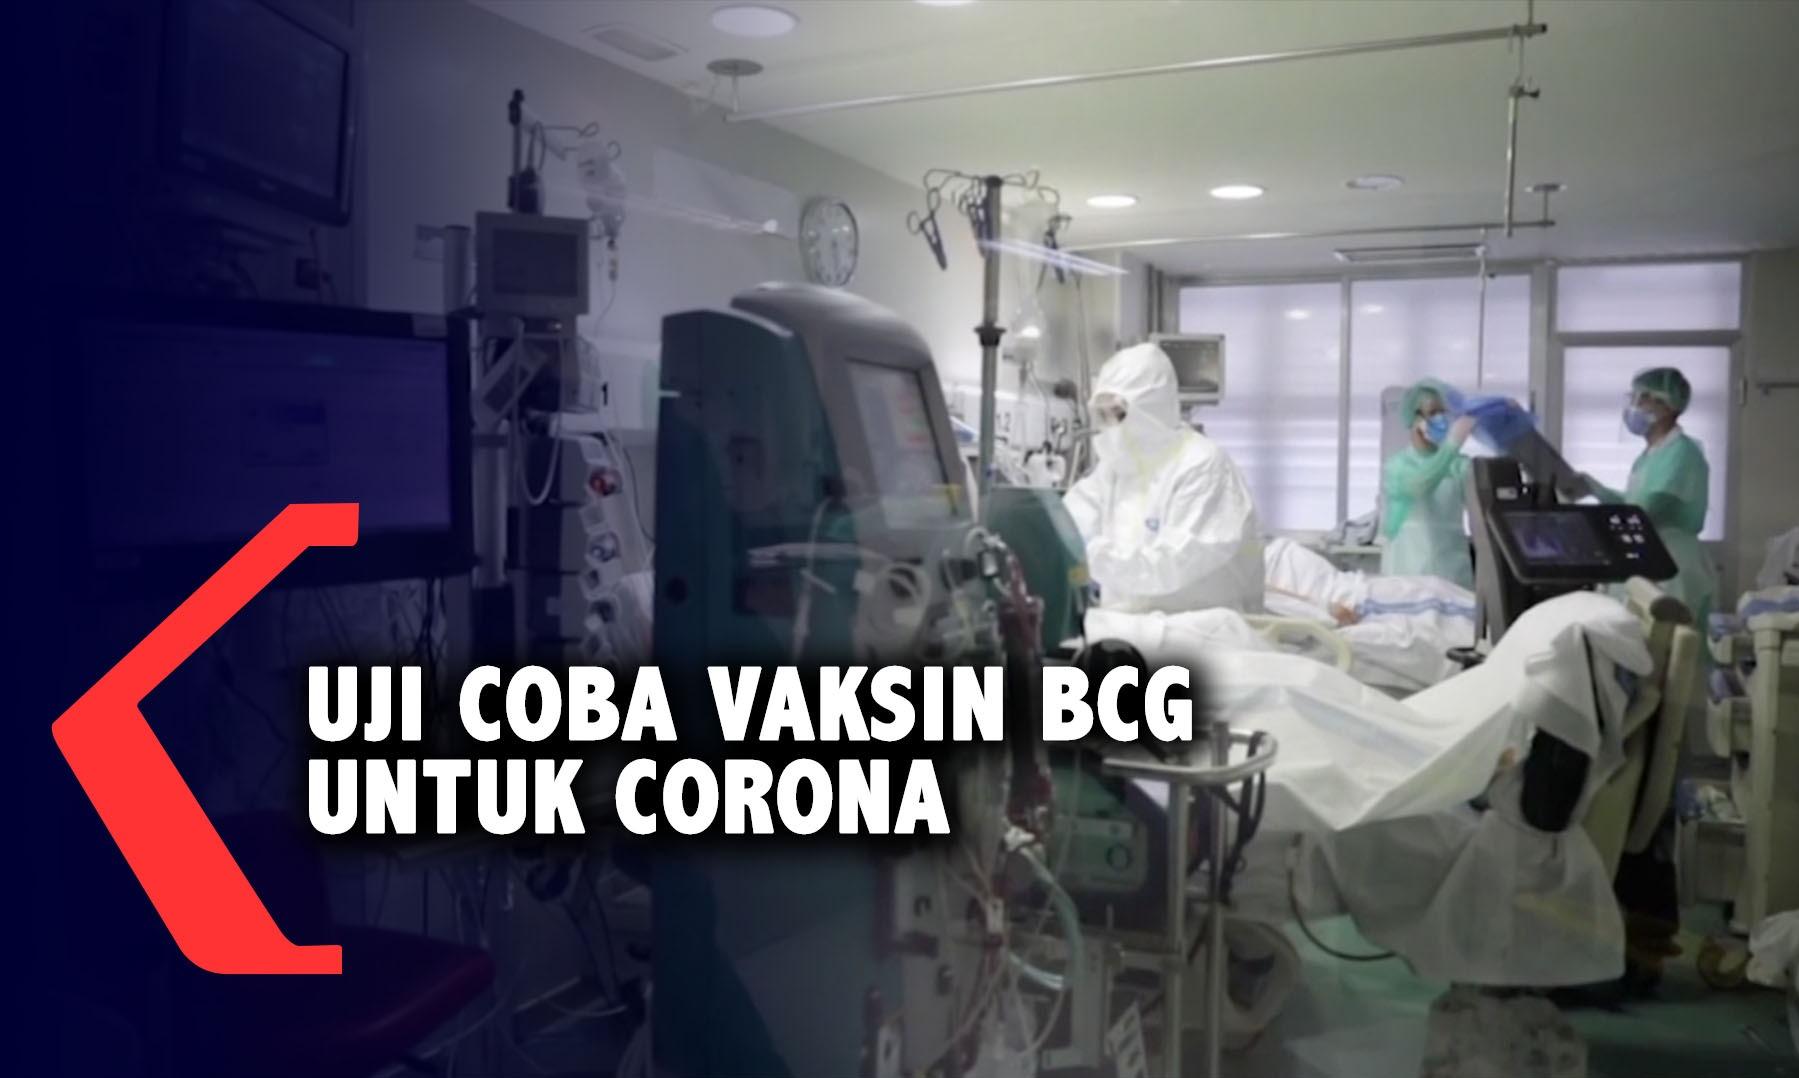 penelitian-baru-uji-coba-vaksin-bcg-untuk-virus-corona